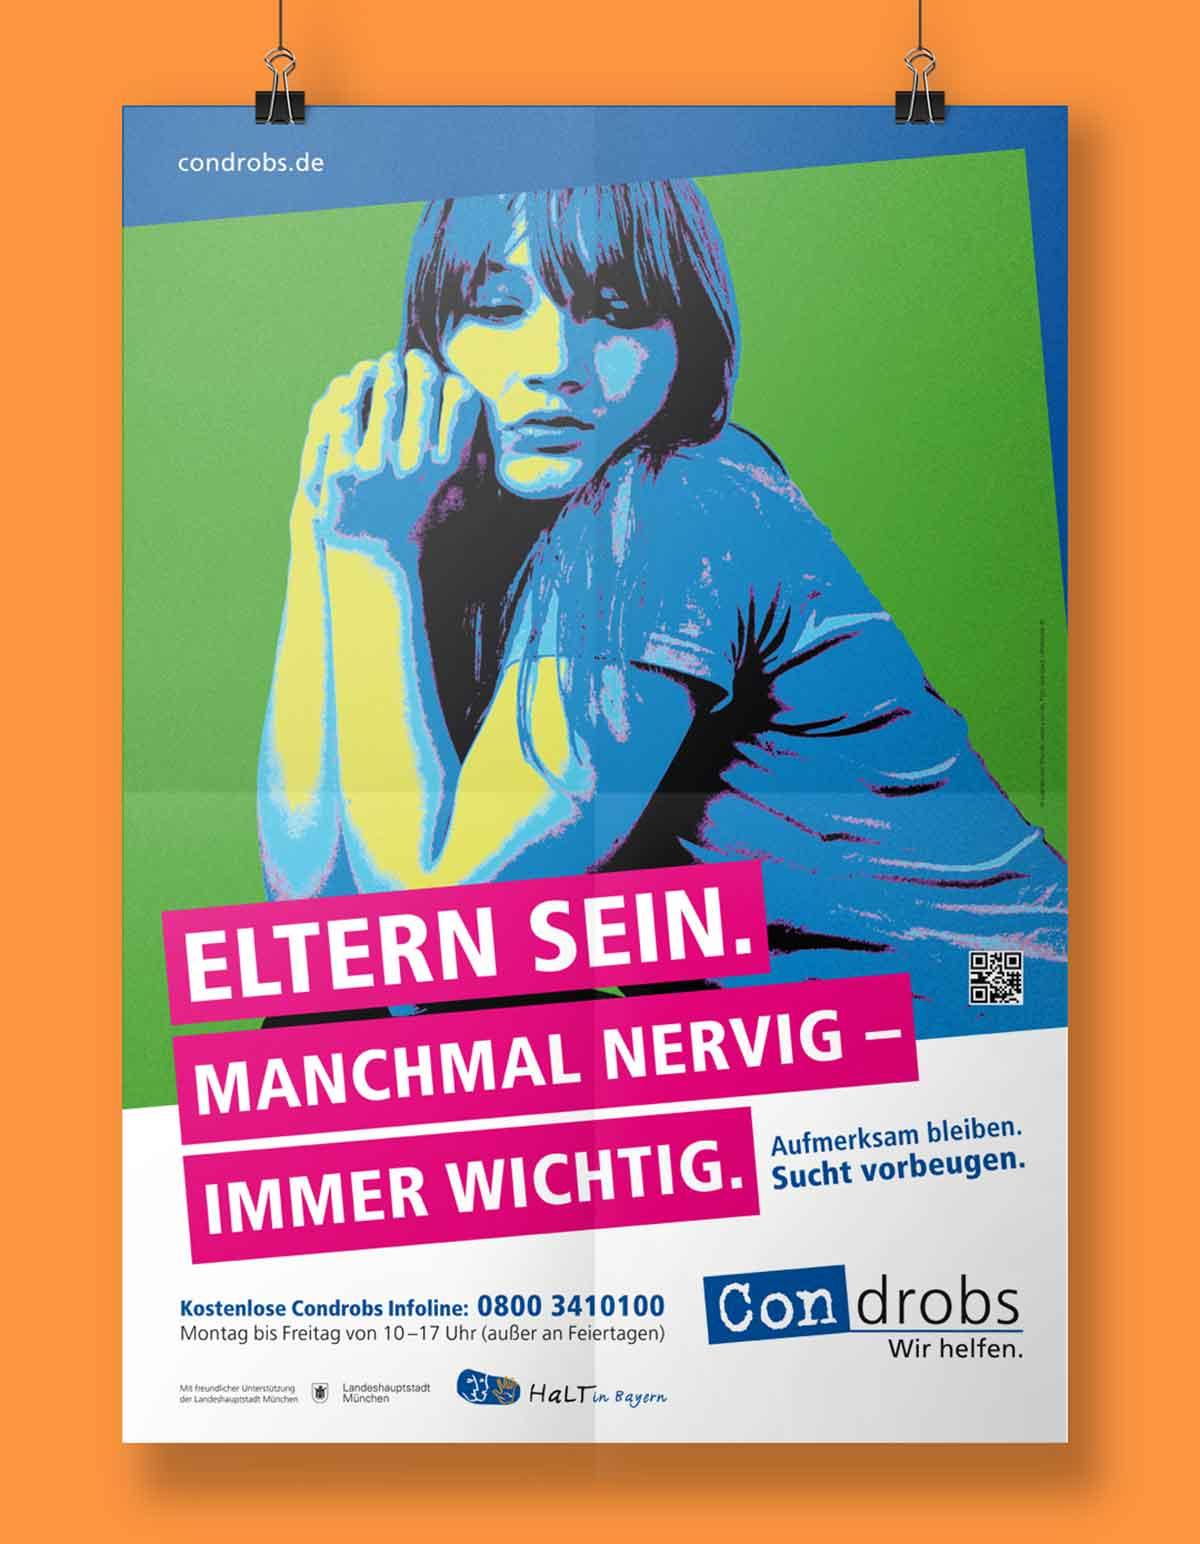 Eltern Sein. Manchmal nervig - Immer wichtig. Plakat von condrobs - Design von c-c-design.de